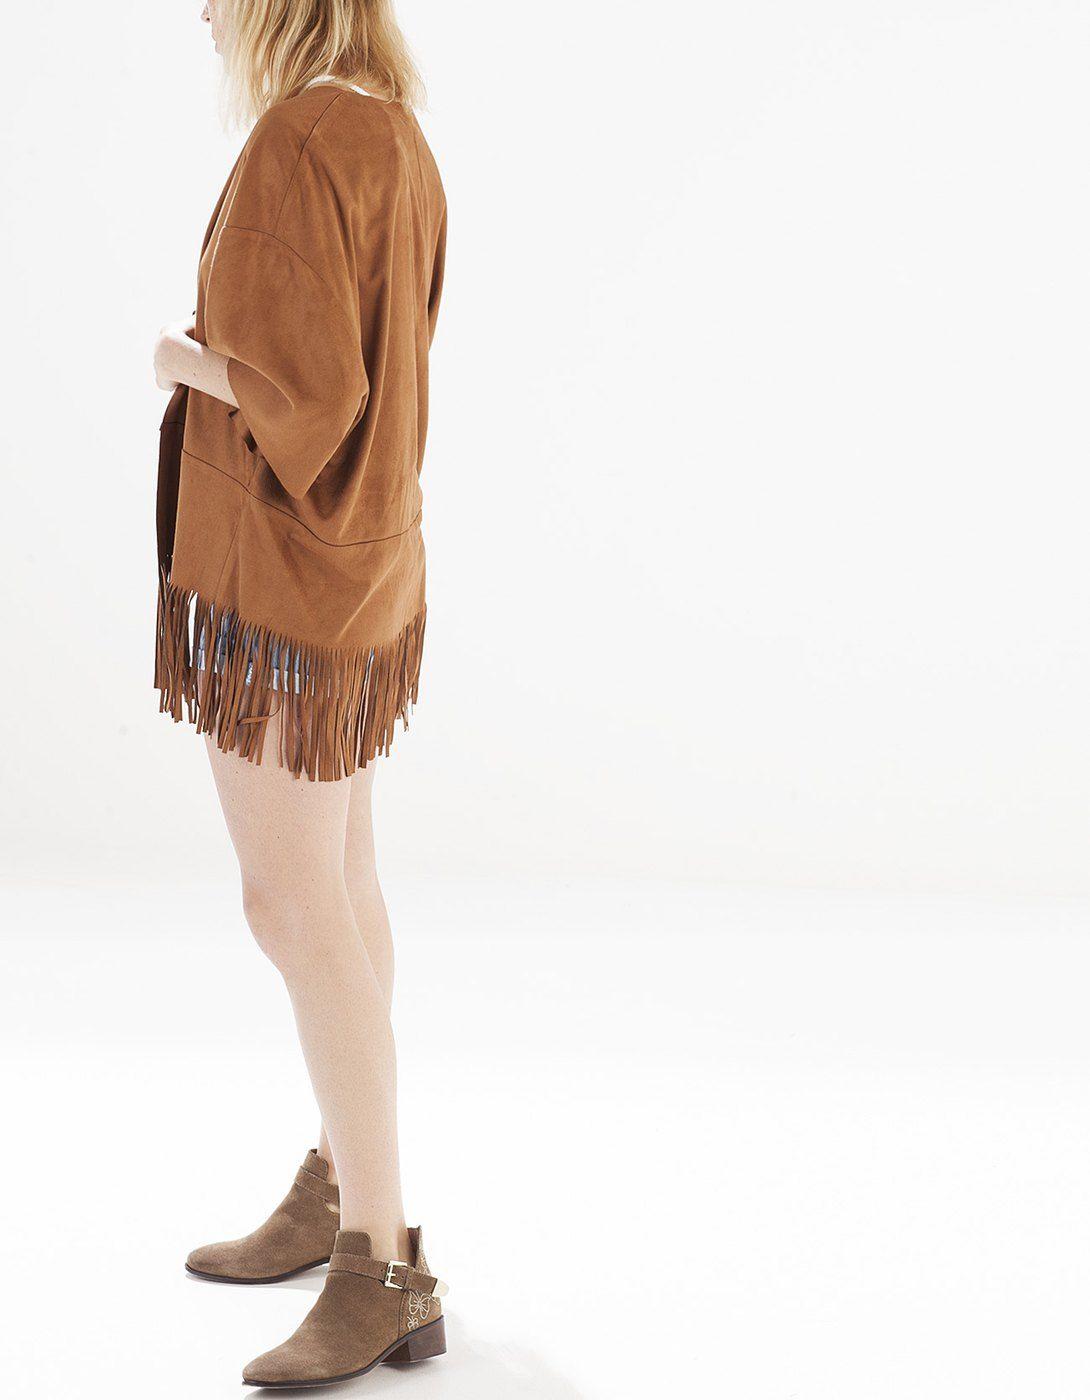 Kimono antelina con cinturón | moda | Pinterest | Cinturones